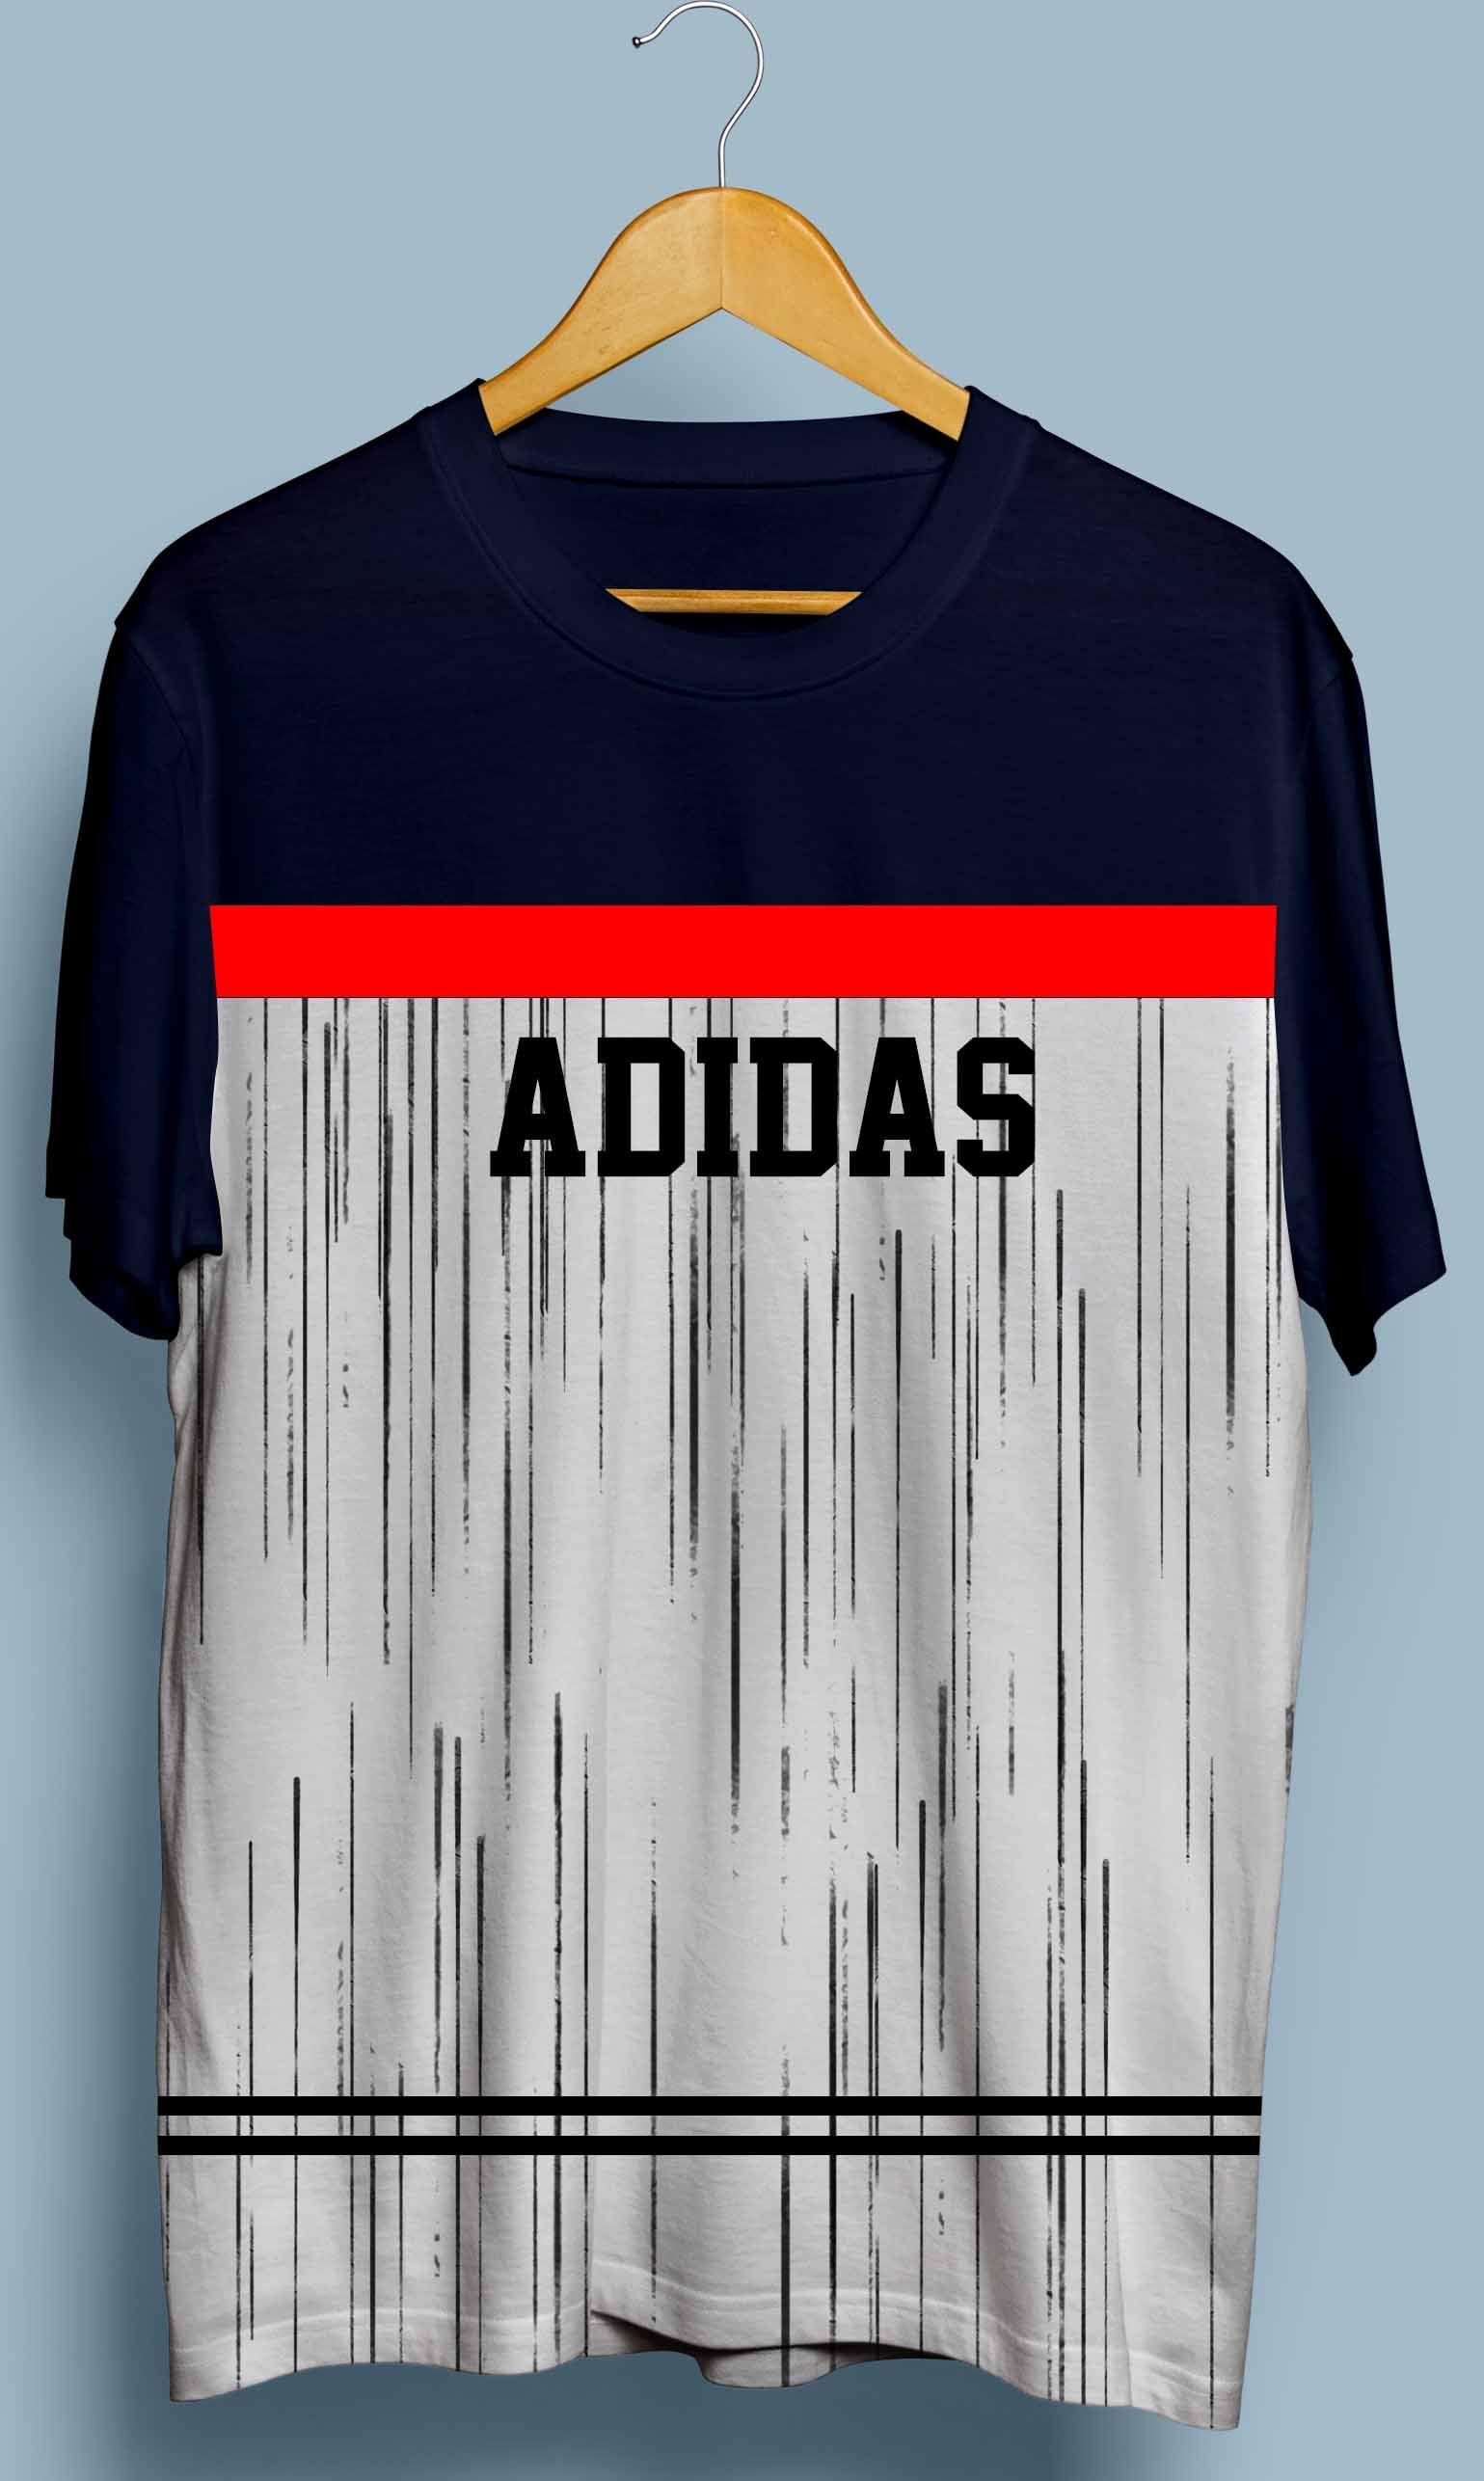 Camiseta cortes   Moda en 2019   Shirts, T shirt y Mens fashion 36ce00e21b